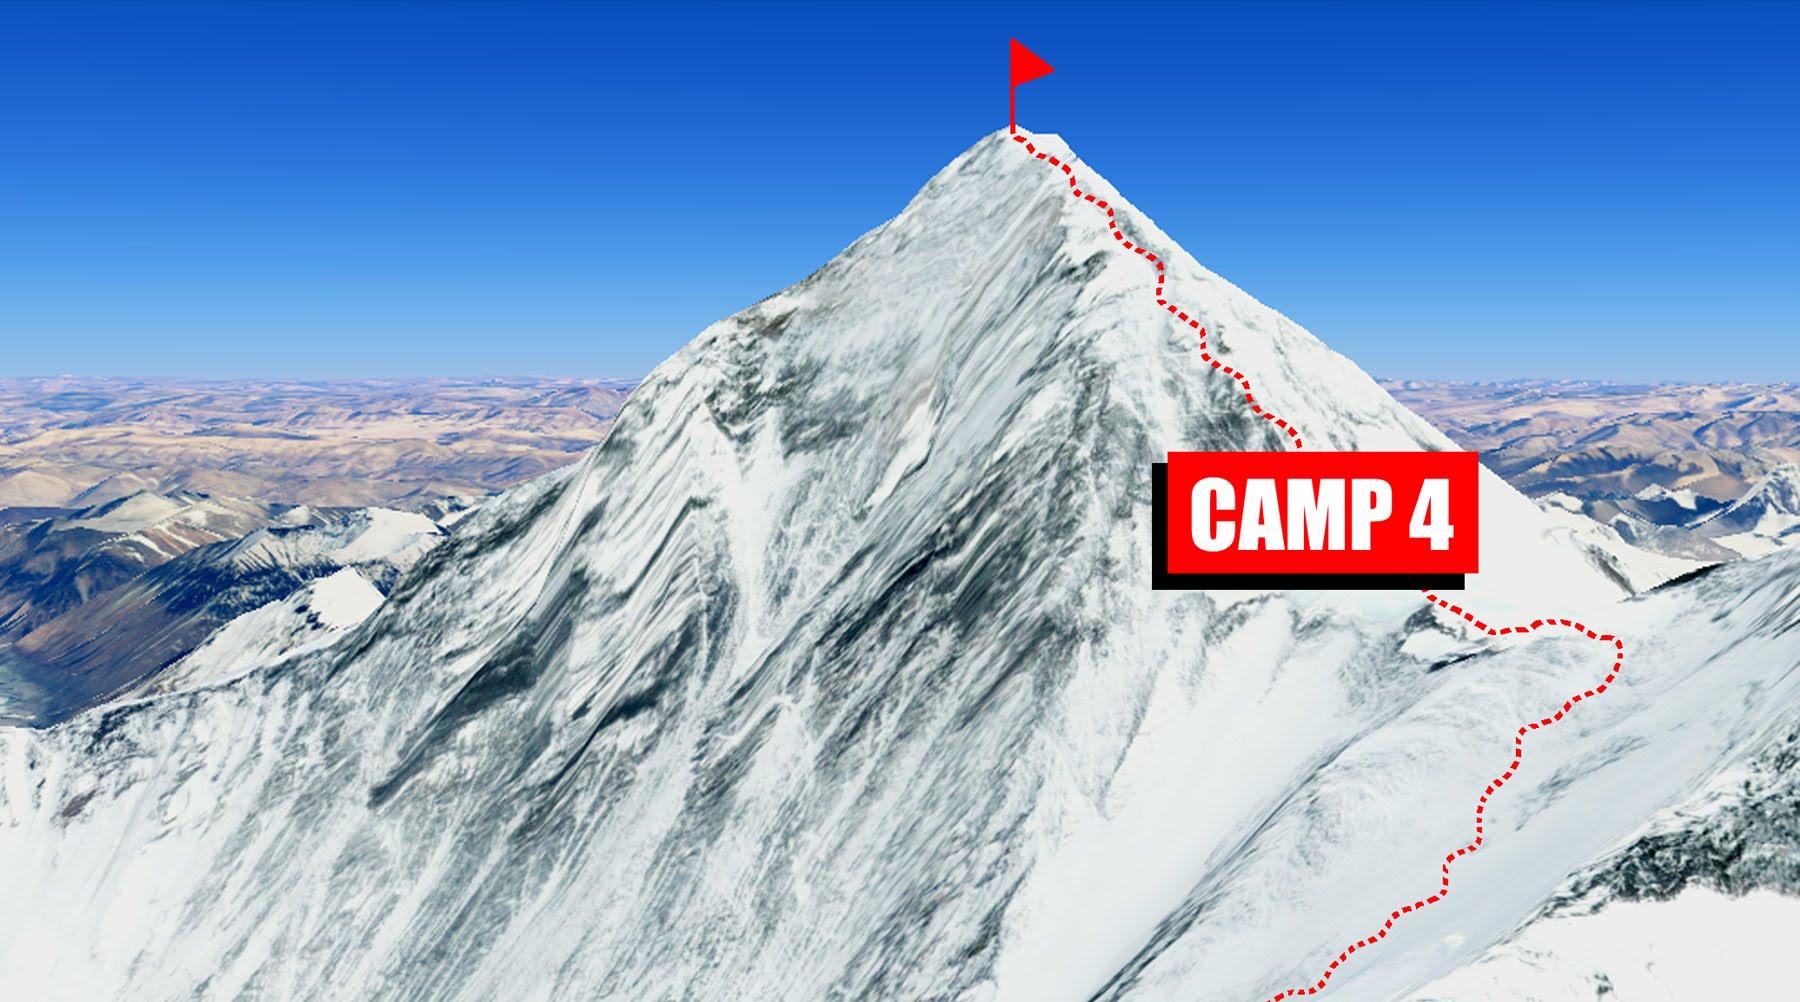 اورست، بلندترین قله جهان باز هم قربانی گرفت؛ 7 کشته در 7 روز